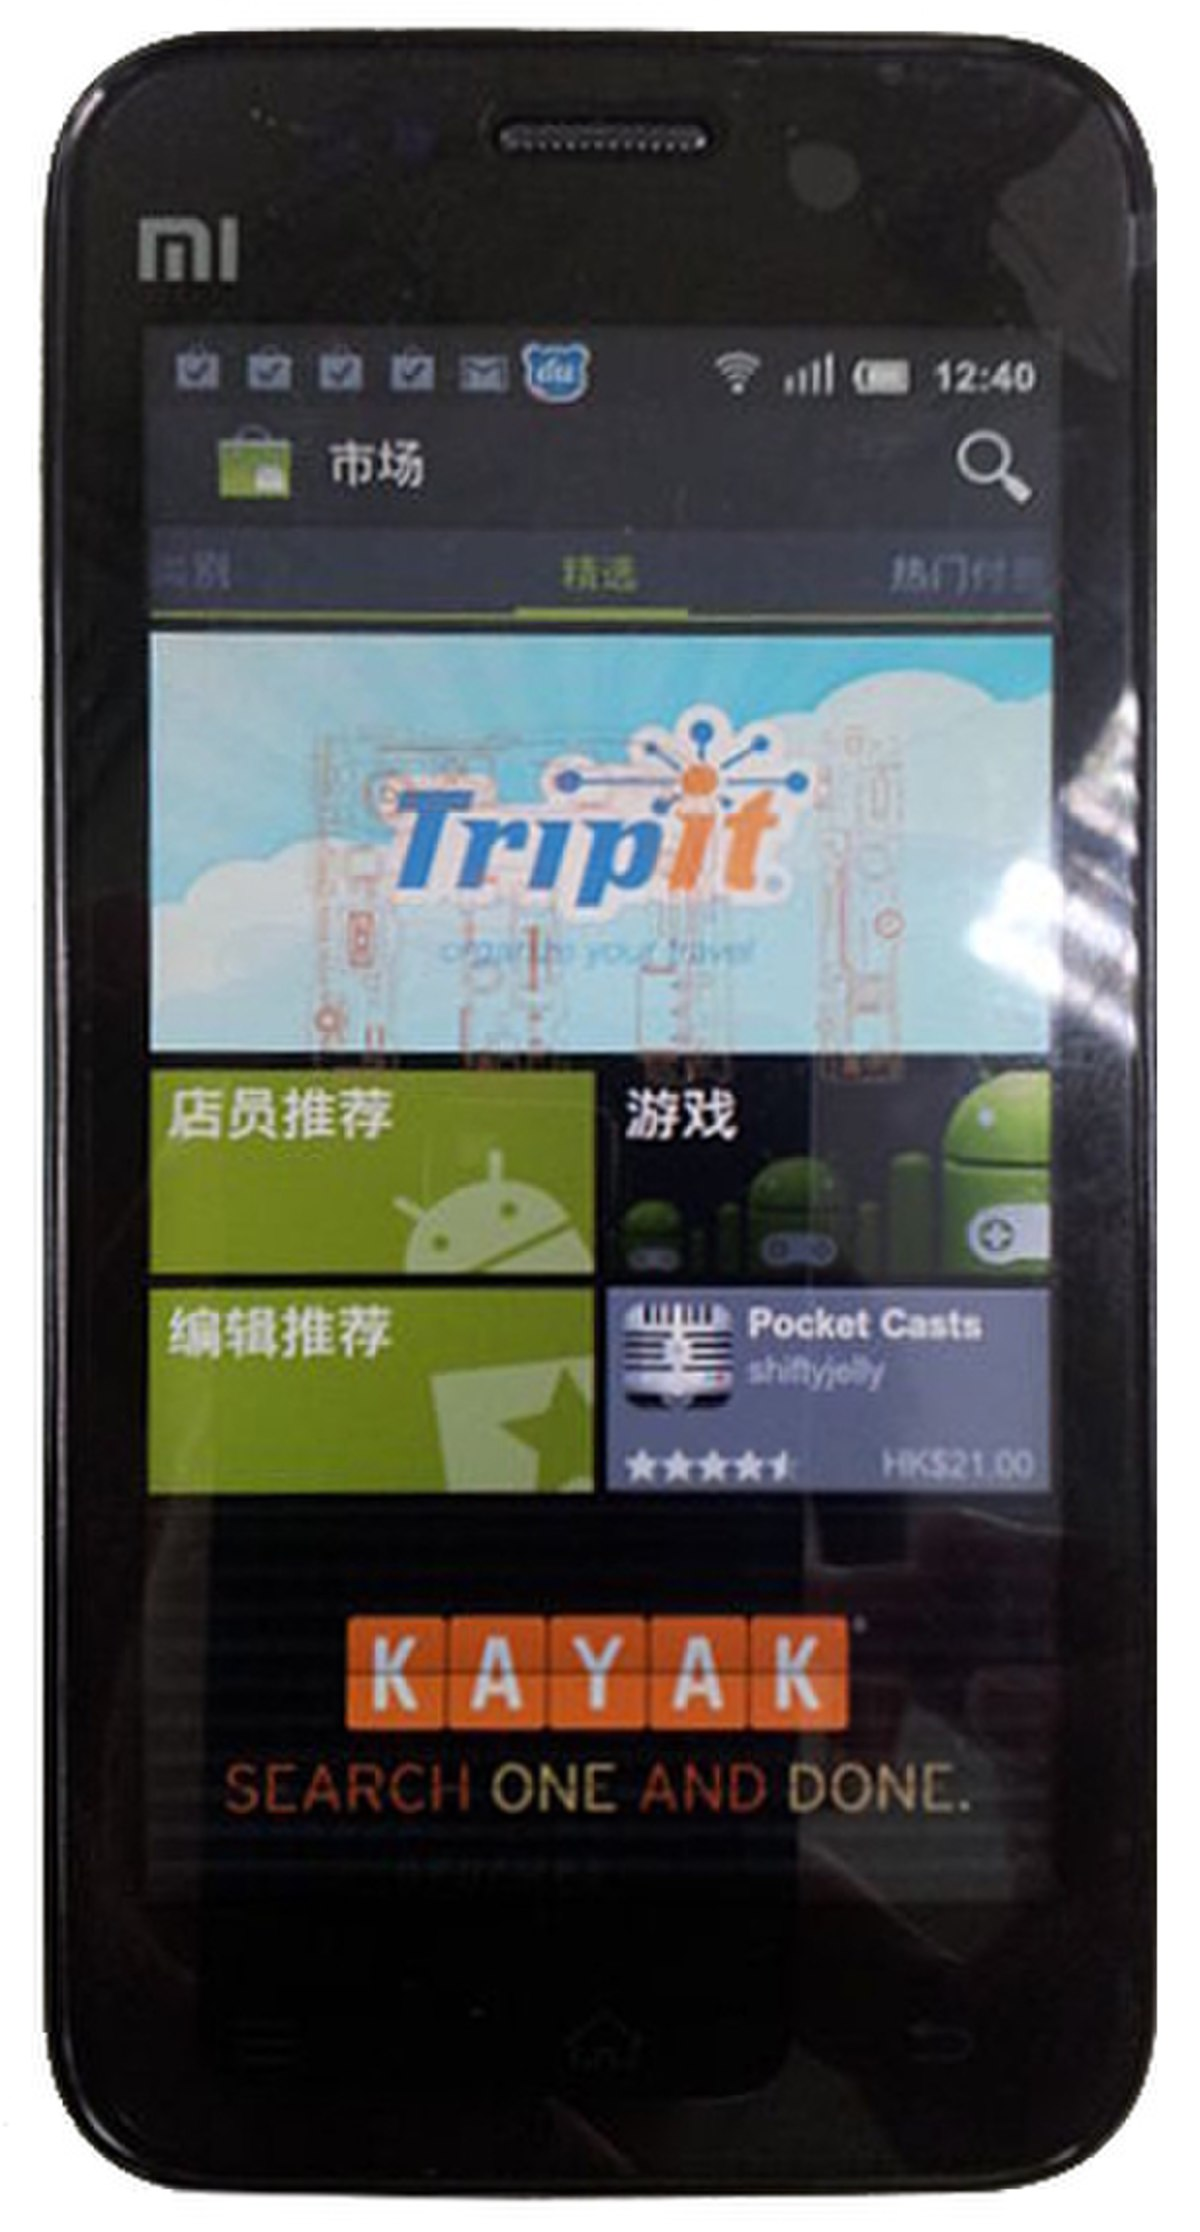 Xiaomi Mi 1 - Wikipedia